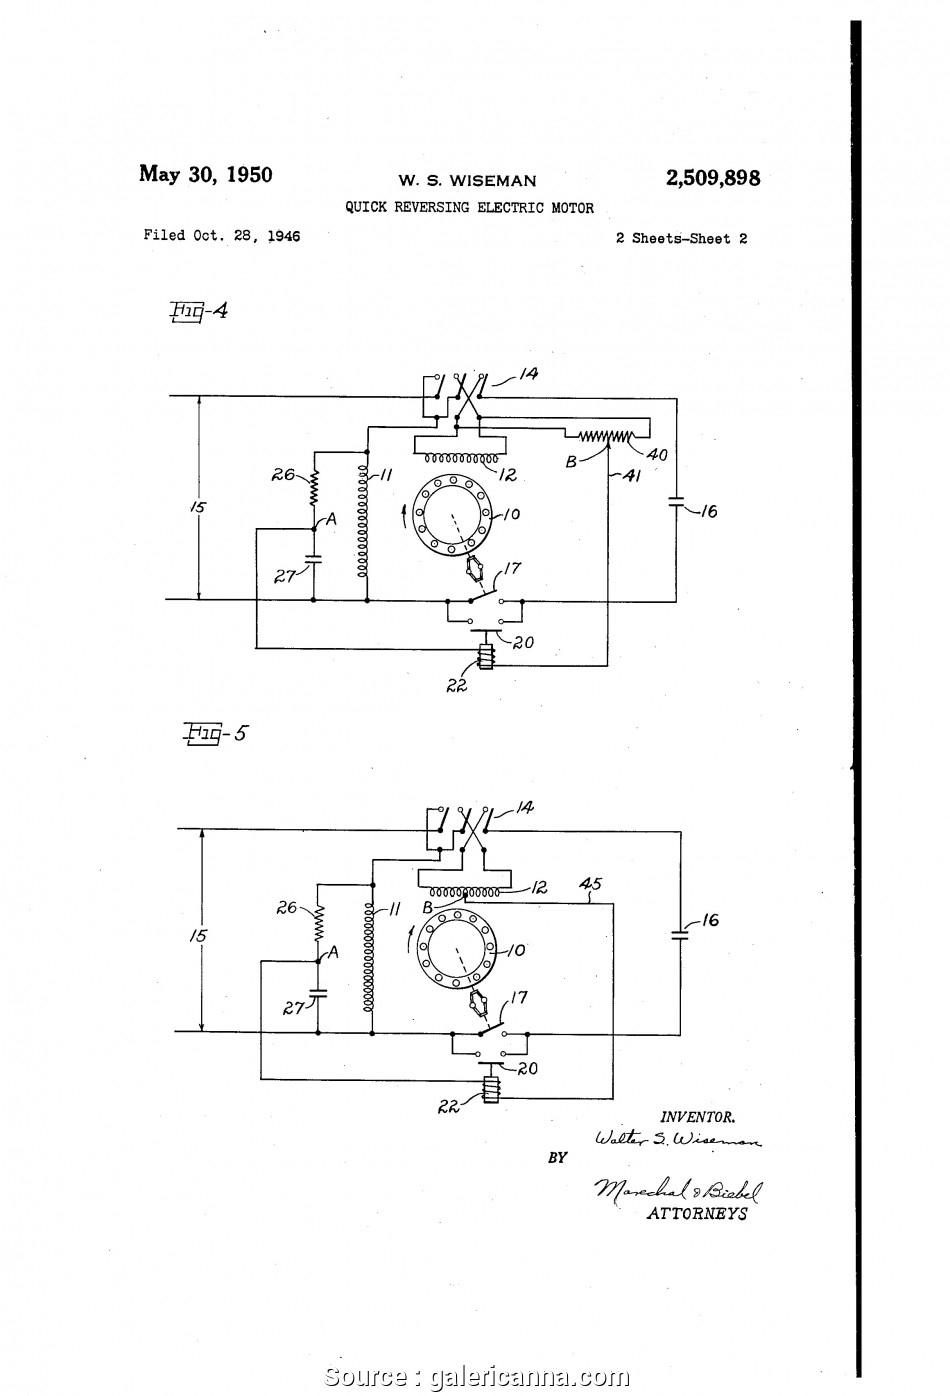 220 Single Phase Us Wiring Diagram   Wiring Diagram - 220V Single Phase Motor Wiring Diagram